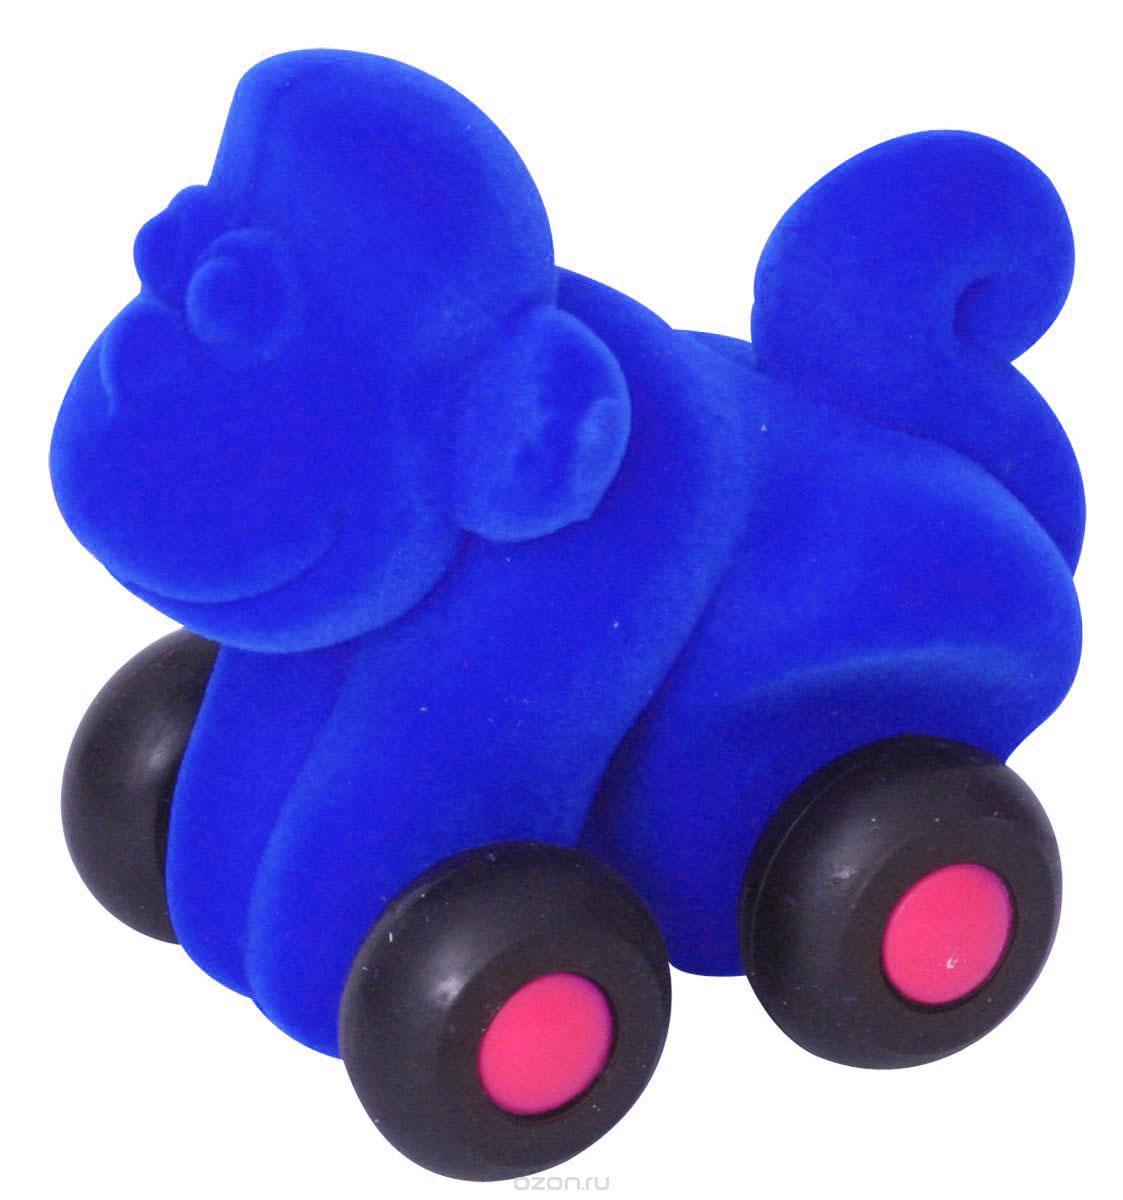 Rubbabu Фигурка функциональная Обезьяна цвет синий20093_синийФункциональная фигурка Rubbabu Обезьяна надолго увлечет вашего кроху! Она изготовлена из качественных и безопасных для детского здоровья материалов. Мягкую обезьянку с бархатистой поверхностью можно просто катать по полу, сминать и бросать. Благодаря своему компактному размеру, игрушка комфортно помещается в ручках малыша. А игры с ней способствуют развитию зрительного восприятия, мелкой моторики, координации и тактильных ощущений. Rubbabu - единственный в мире производитель товаров из натурального каучука с флокированной поверхностью, экологически чистого антибактериального гипоаллергенного материала, стойкого к пыли и плесени. Поставщик флокированного покрытия - швейцарская компания, краски для игрушек изготовлены из американского сырья. Игрушки Rubbabu абсолютно безопасны даже для самого маленького ребенка.